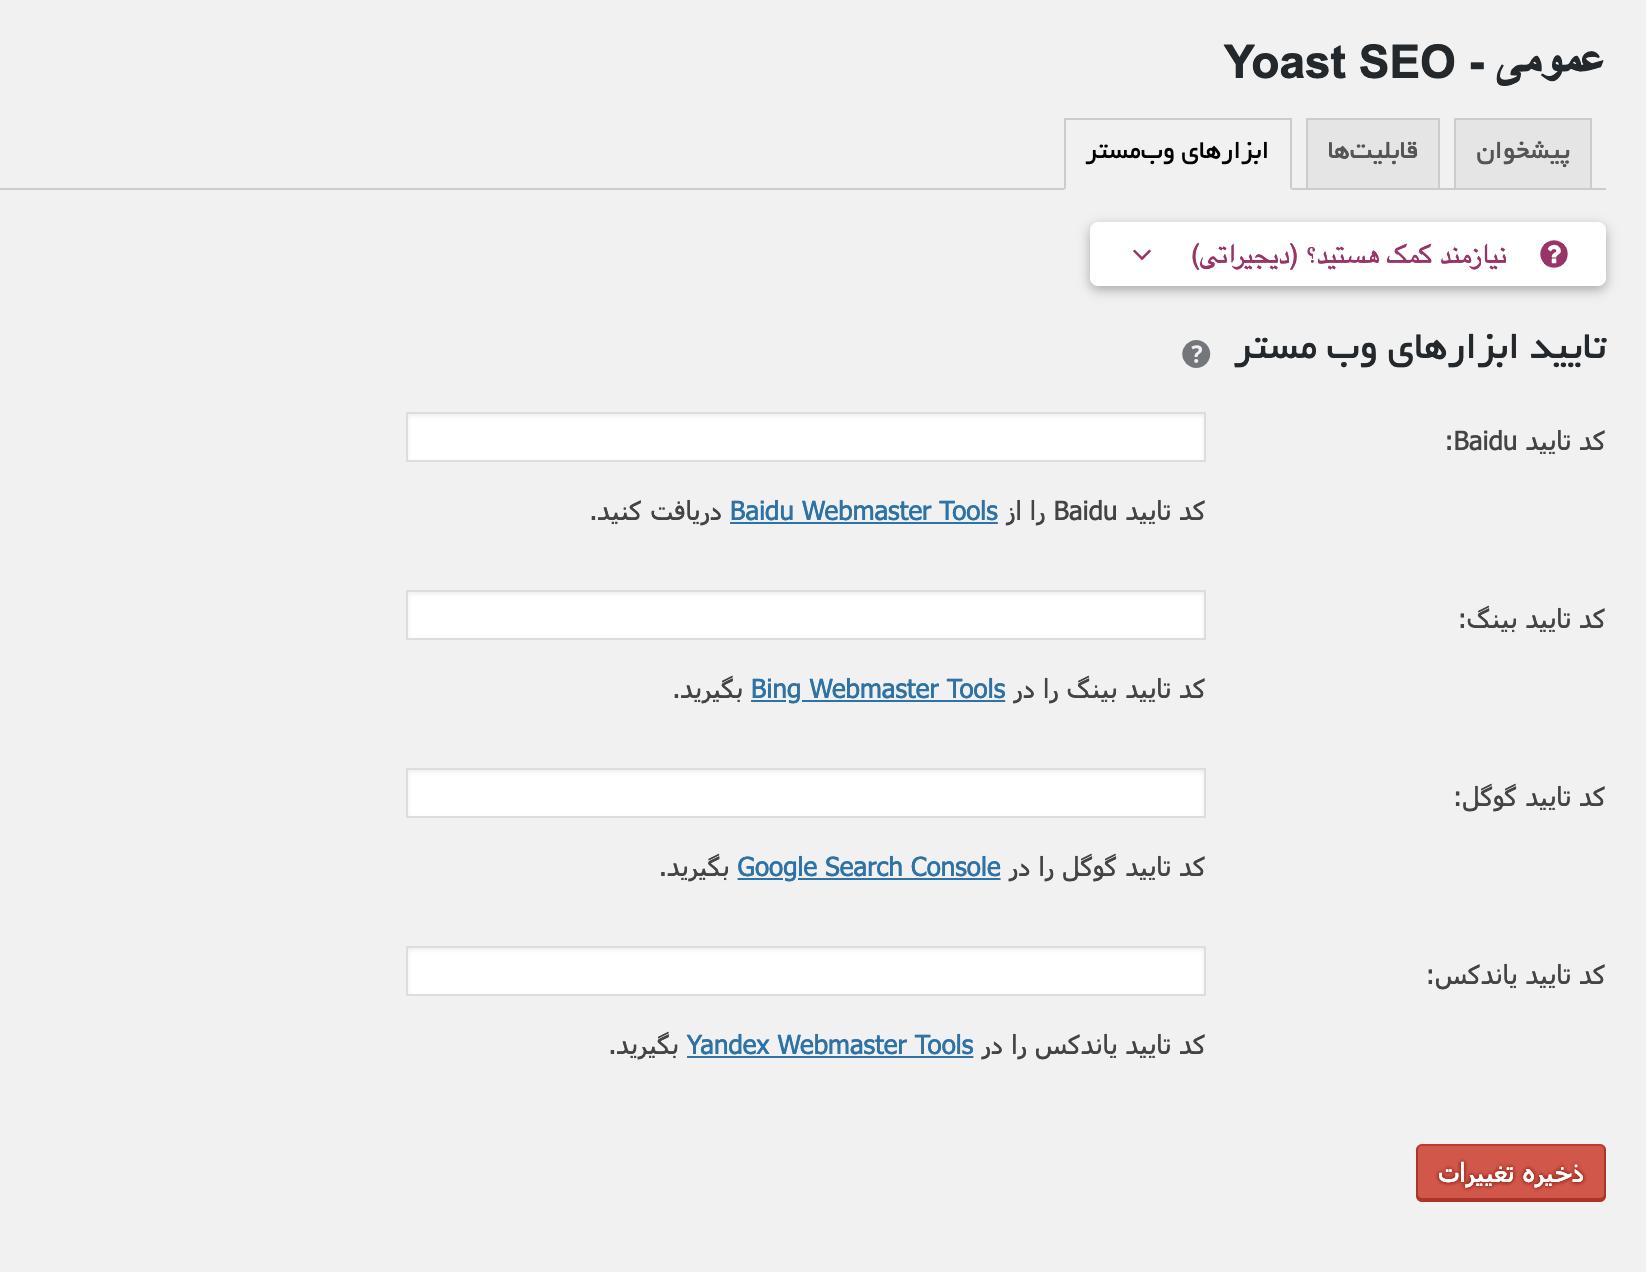 بخش ابزار های وبمستر جهت اتصال سایت به آنها